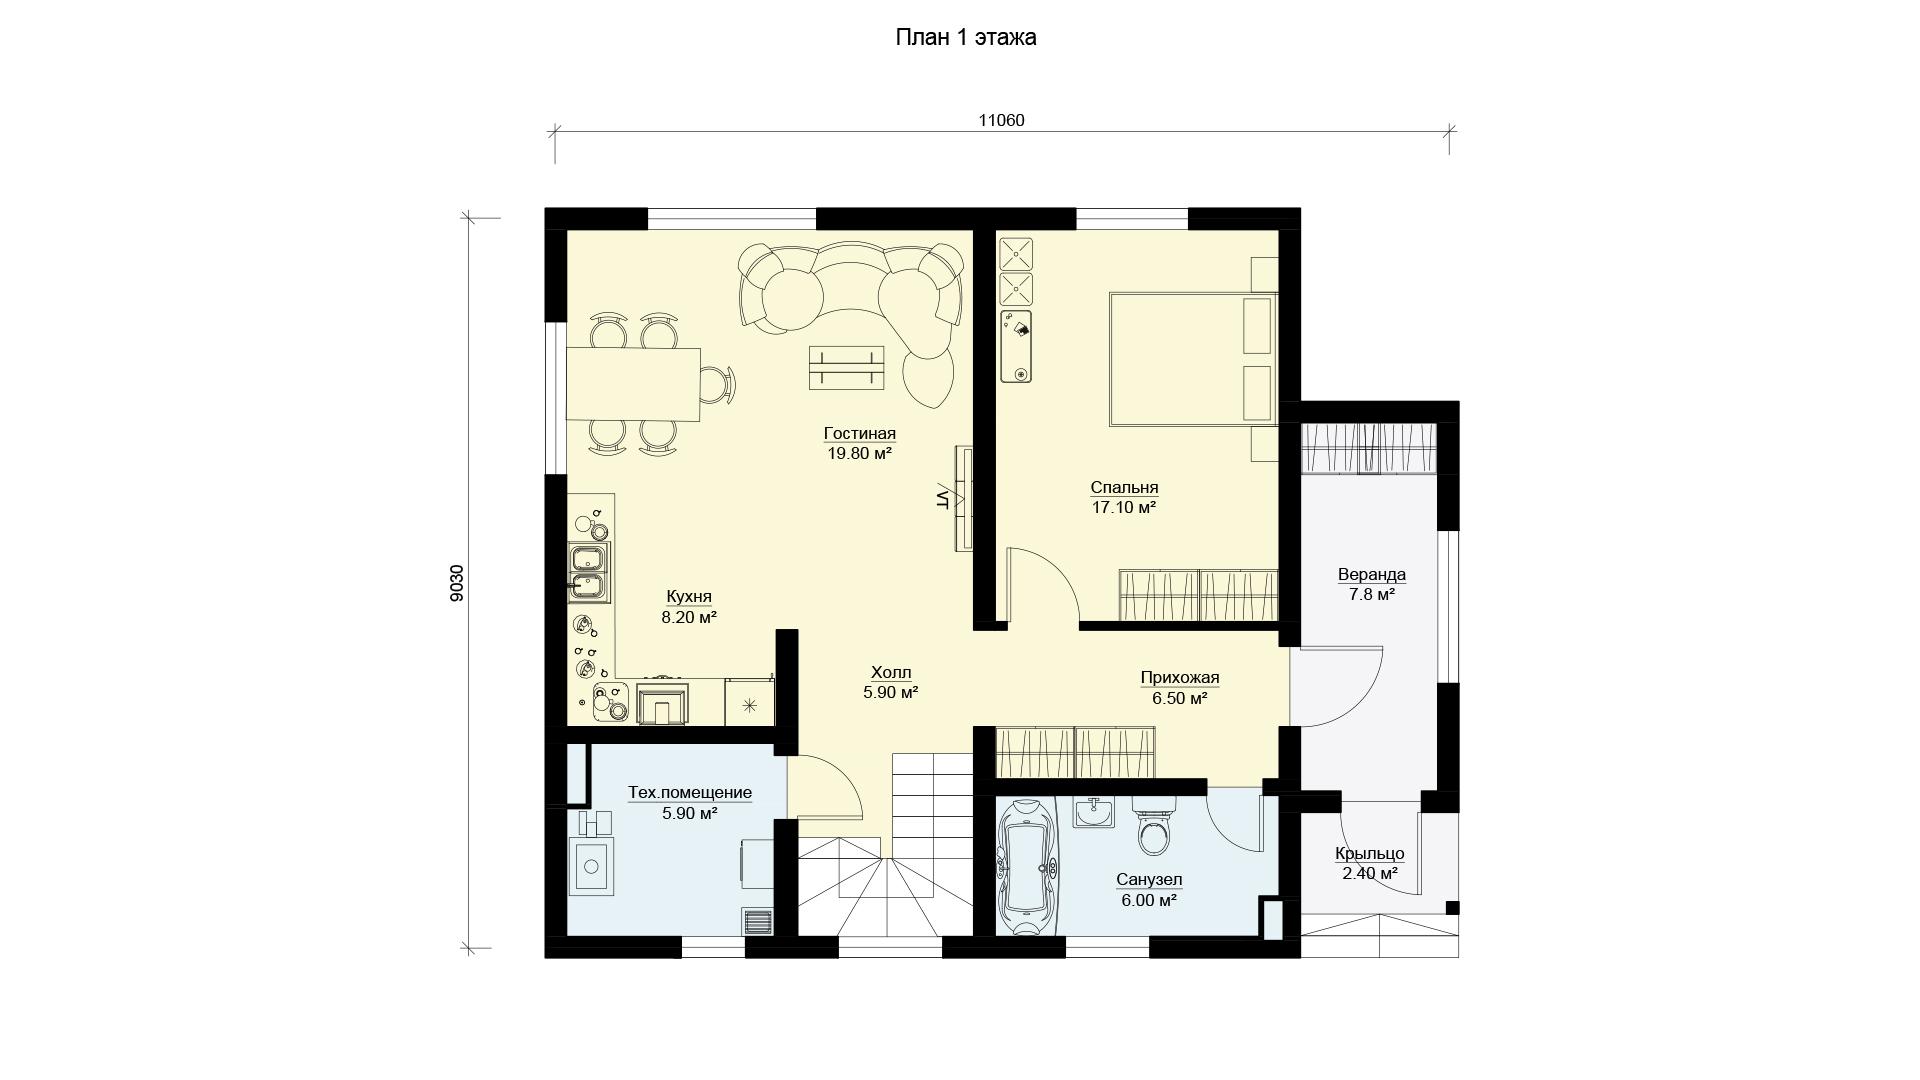 План первого этажа двухэтажного загородного дома, проект БЭНПАН МС-152.